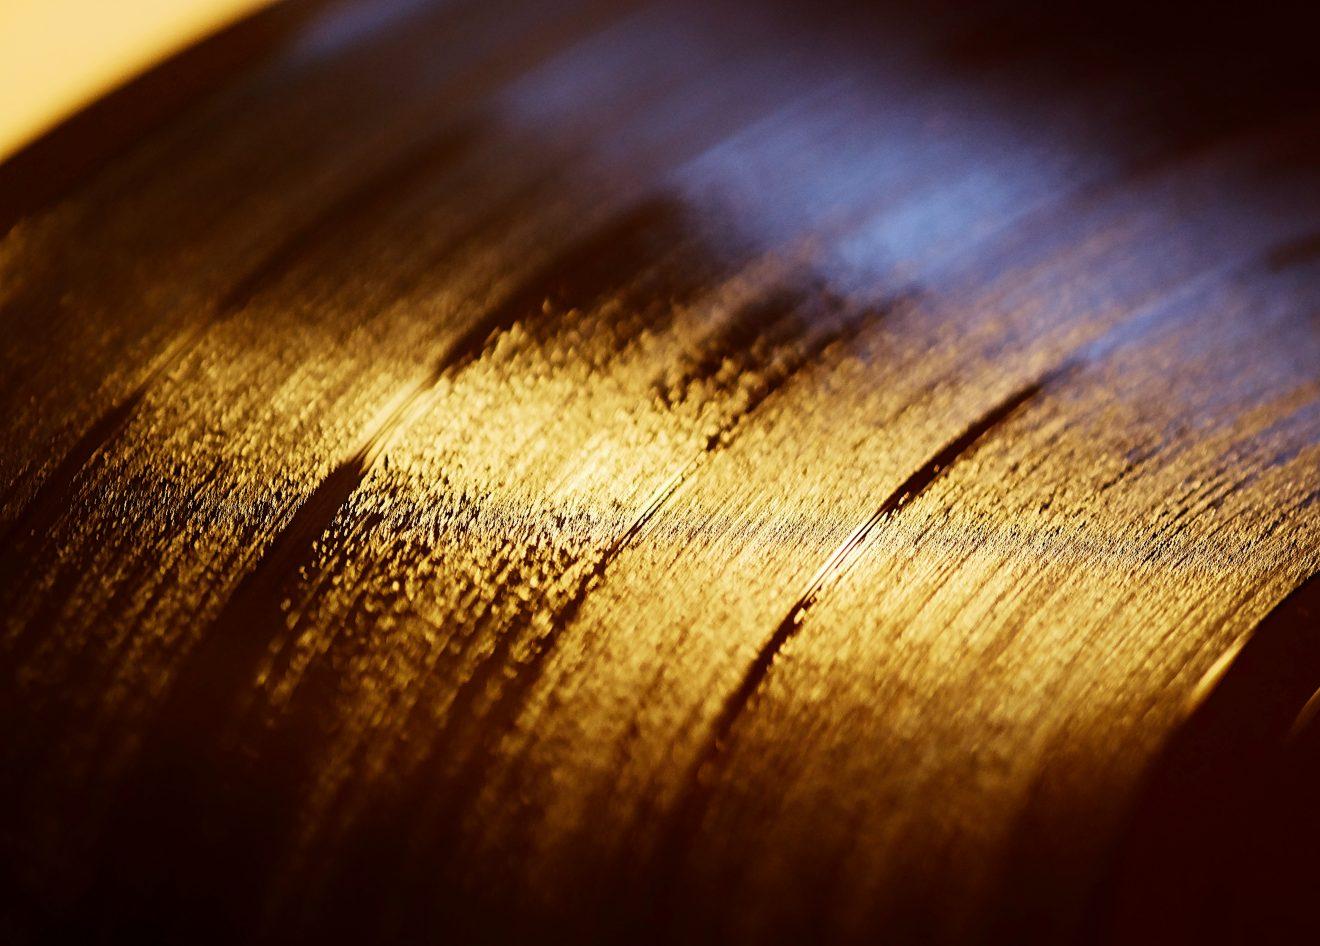 Makroaufnahme einer Schallplatte